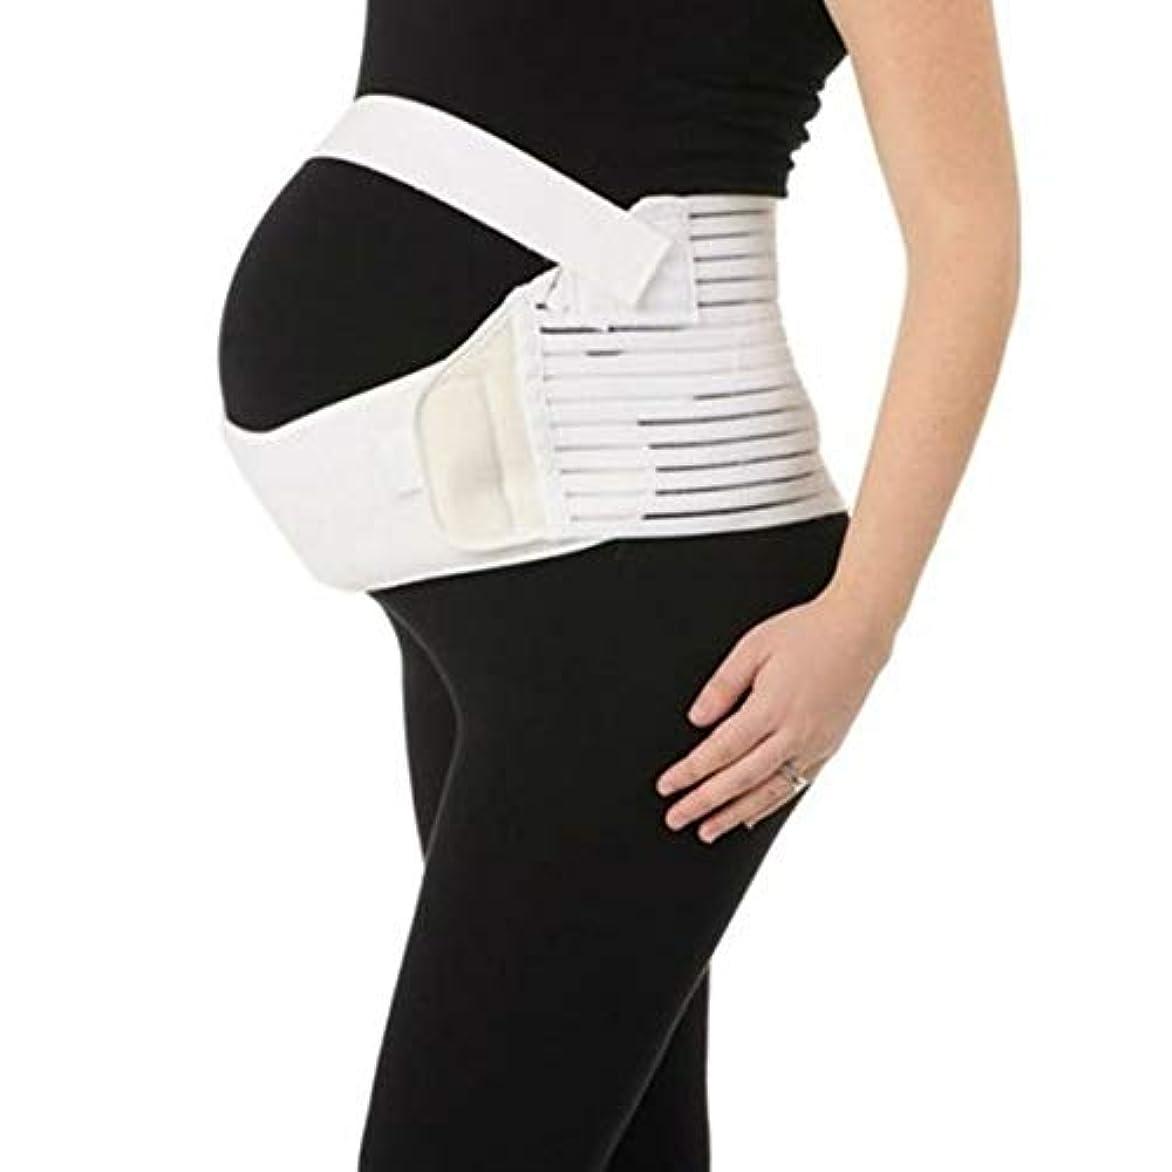 今日コーナー盲信通気性産科ベルト妊娠腹部サポート腹部バインダーガードル運動包帯産後の回復形状ウェア - ホワイトM